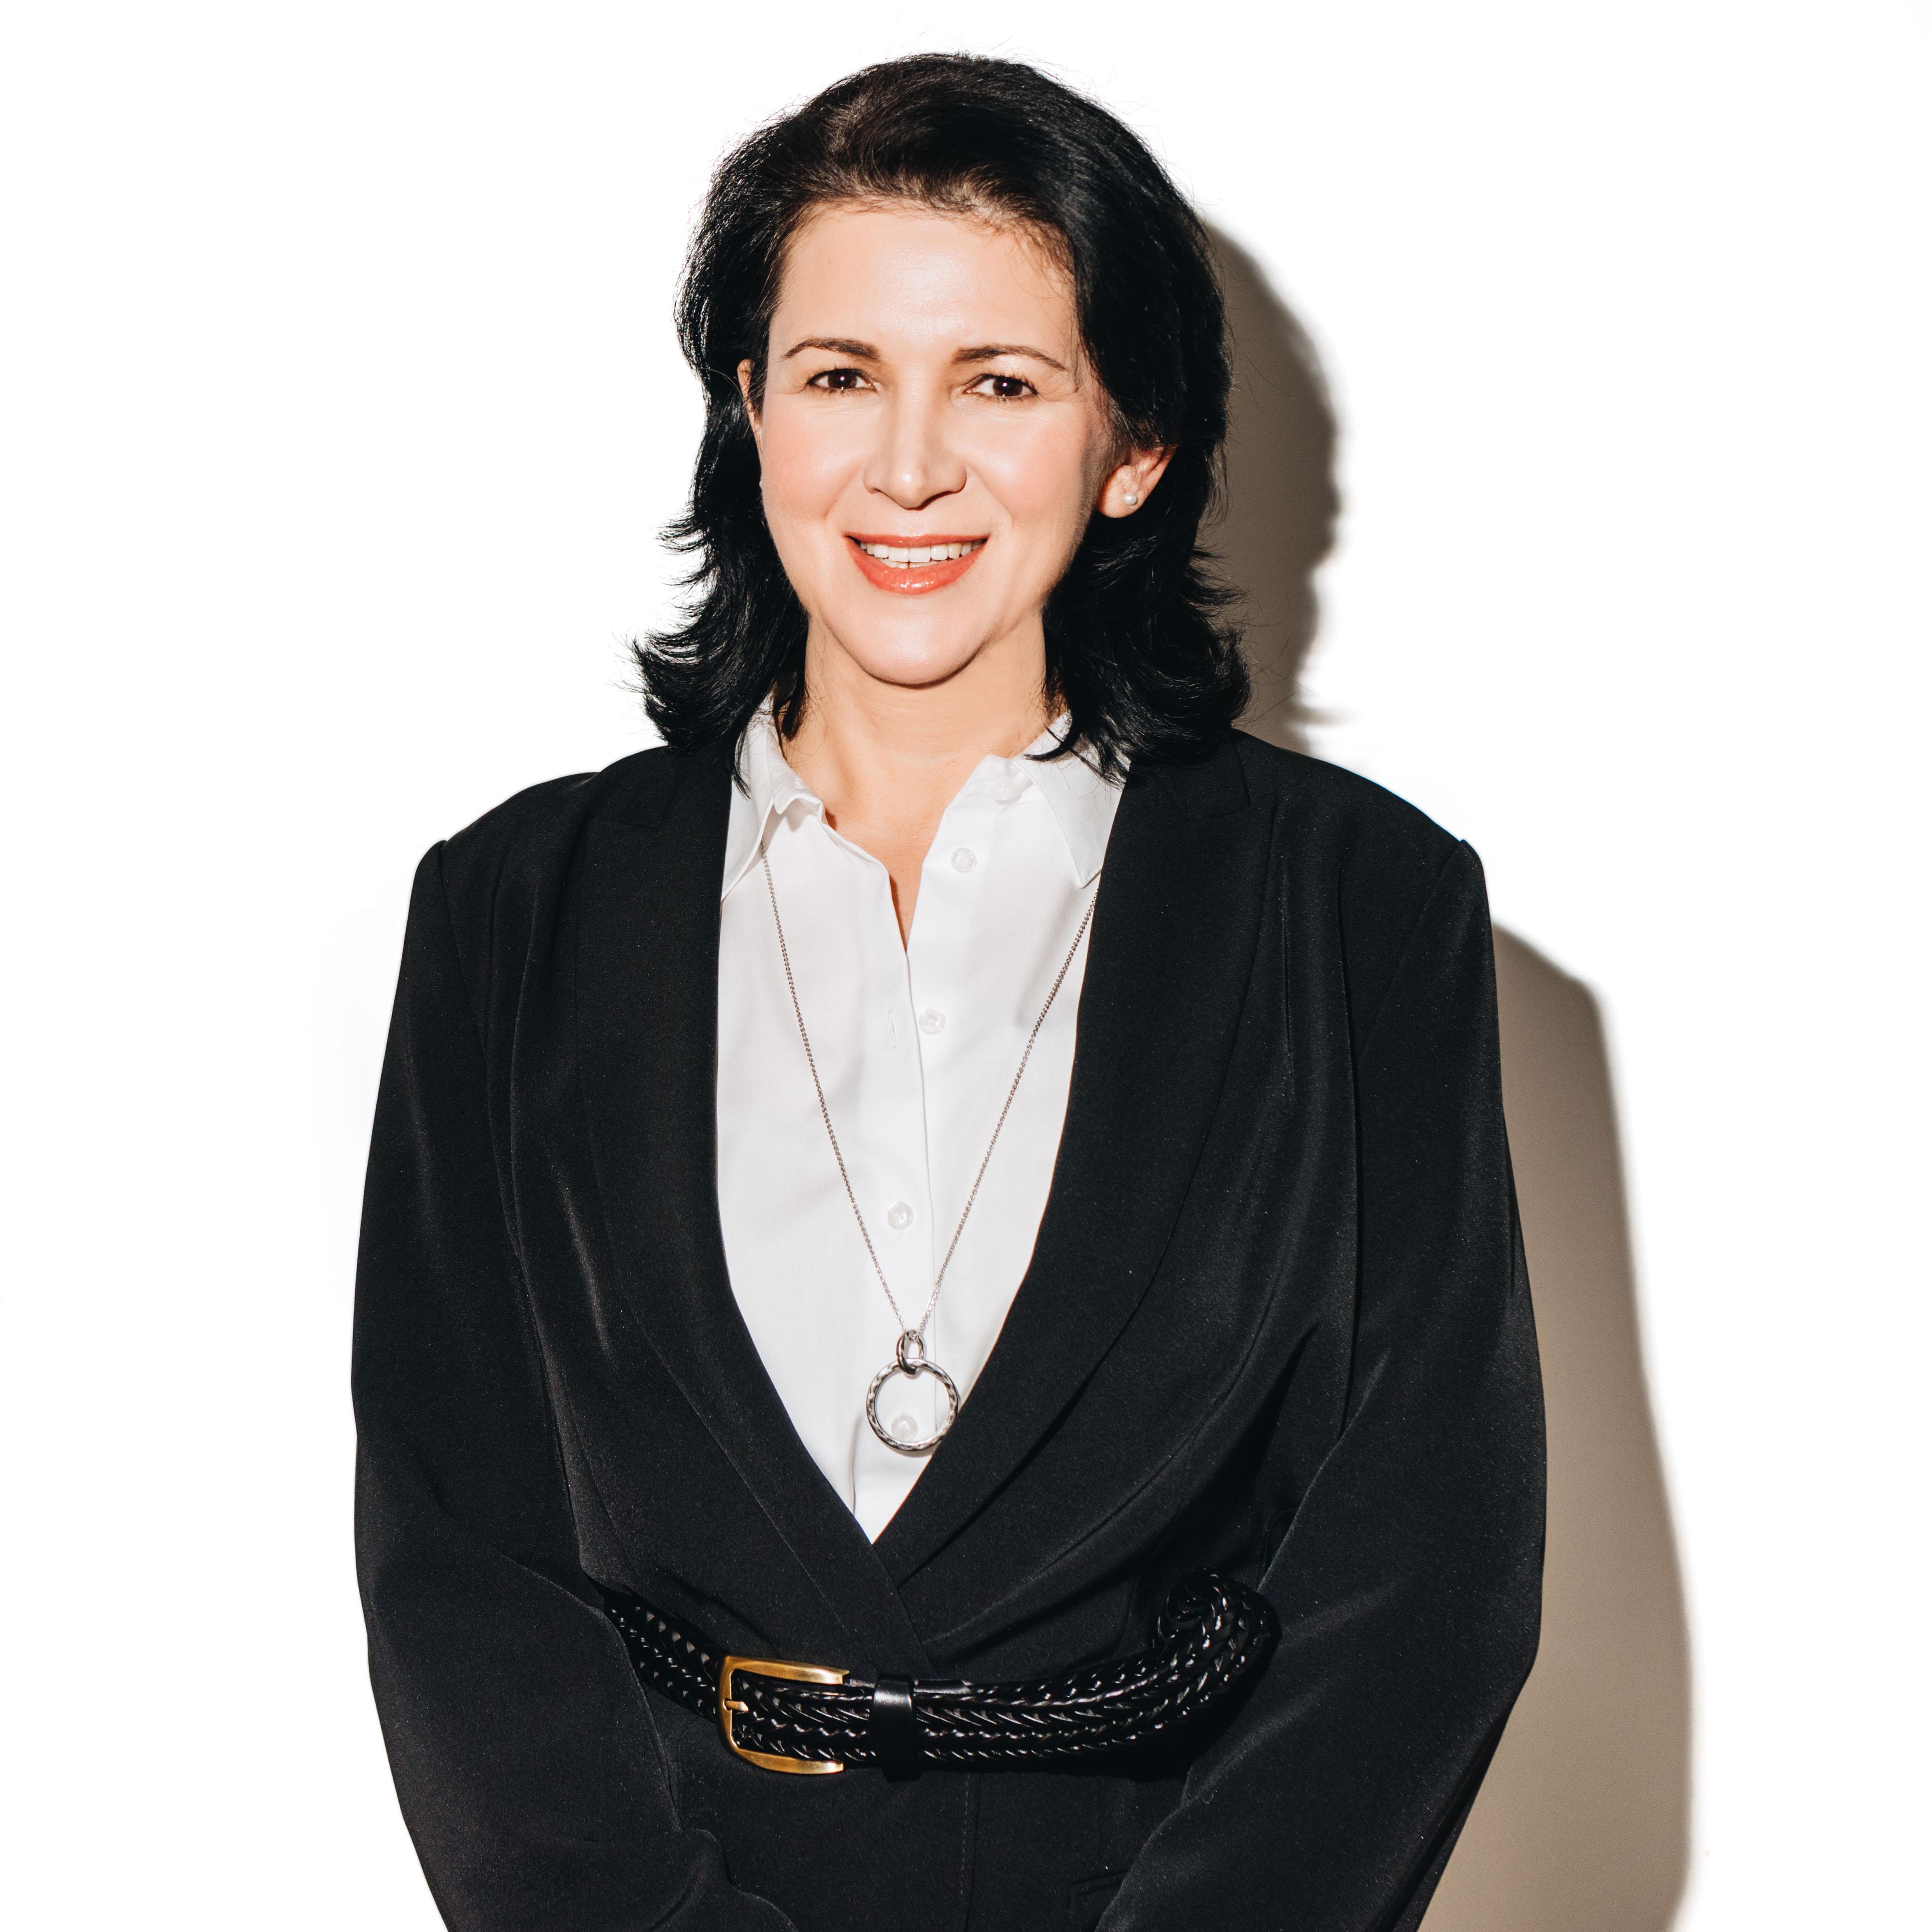 Amy Mingasson